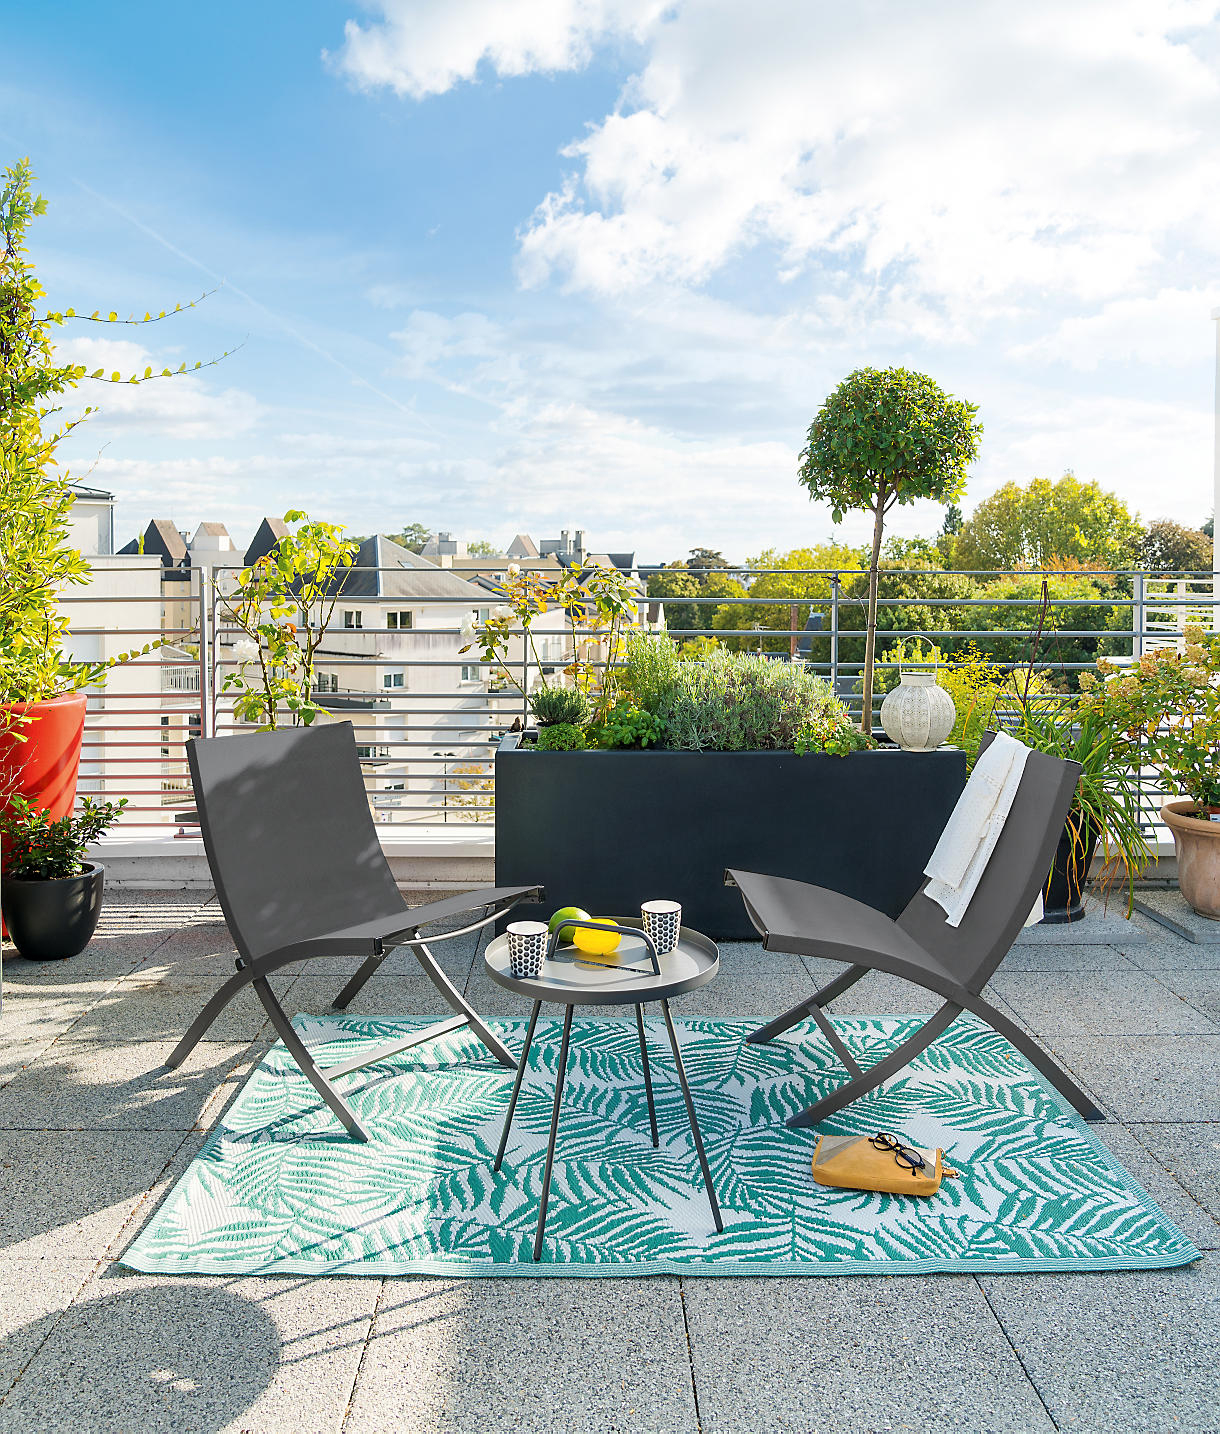 Quels Matériaux Choisir Pour Son Mobilier De Jardin ... concernant Table De Jardin Aluminium Jardiland